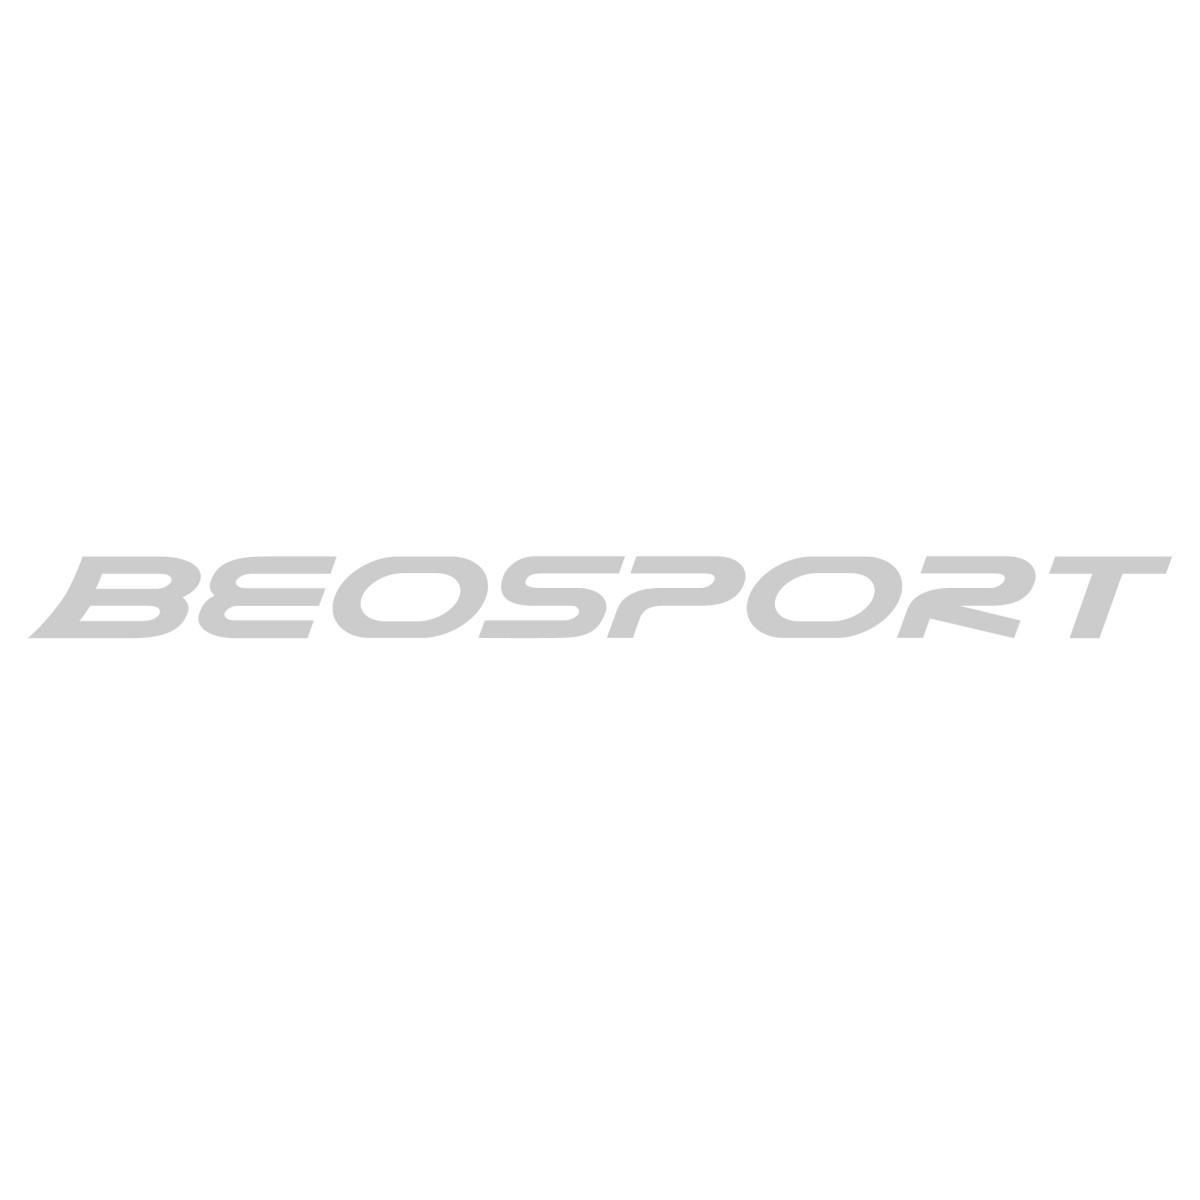 Wilson Roland Garros Elite reket